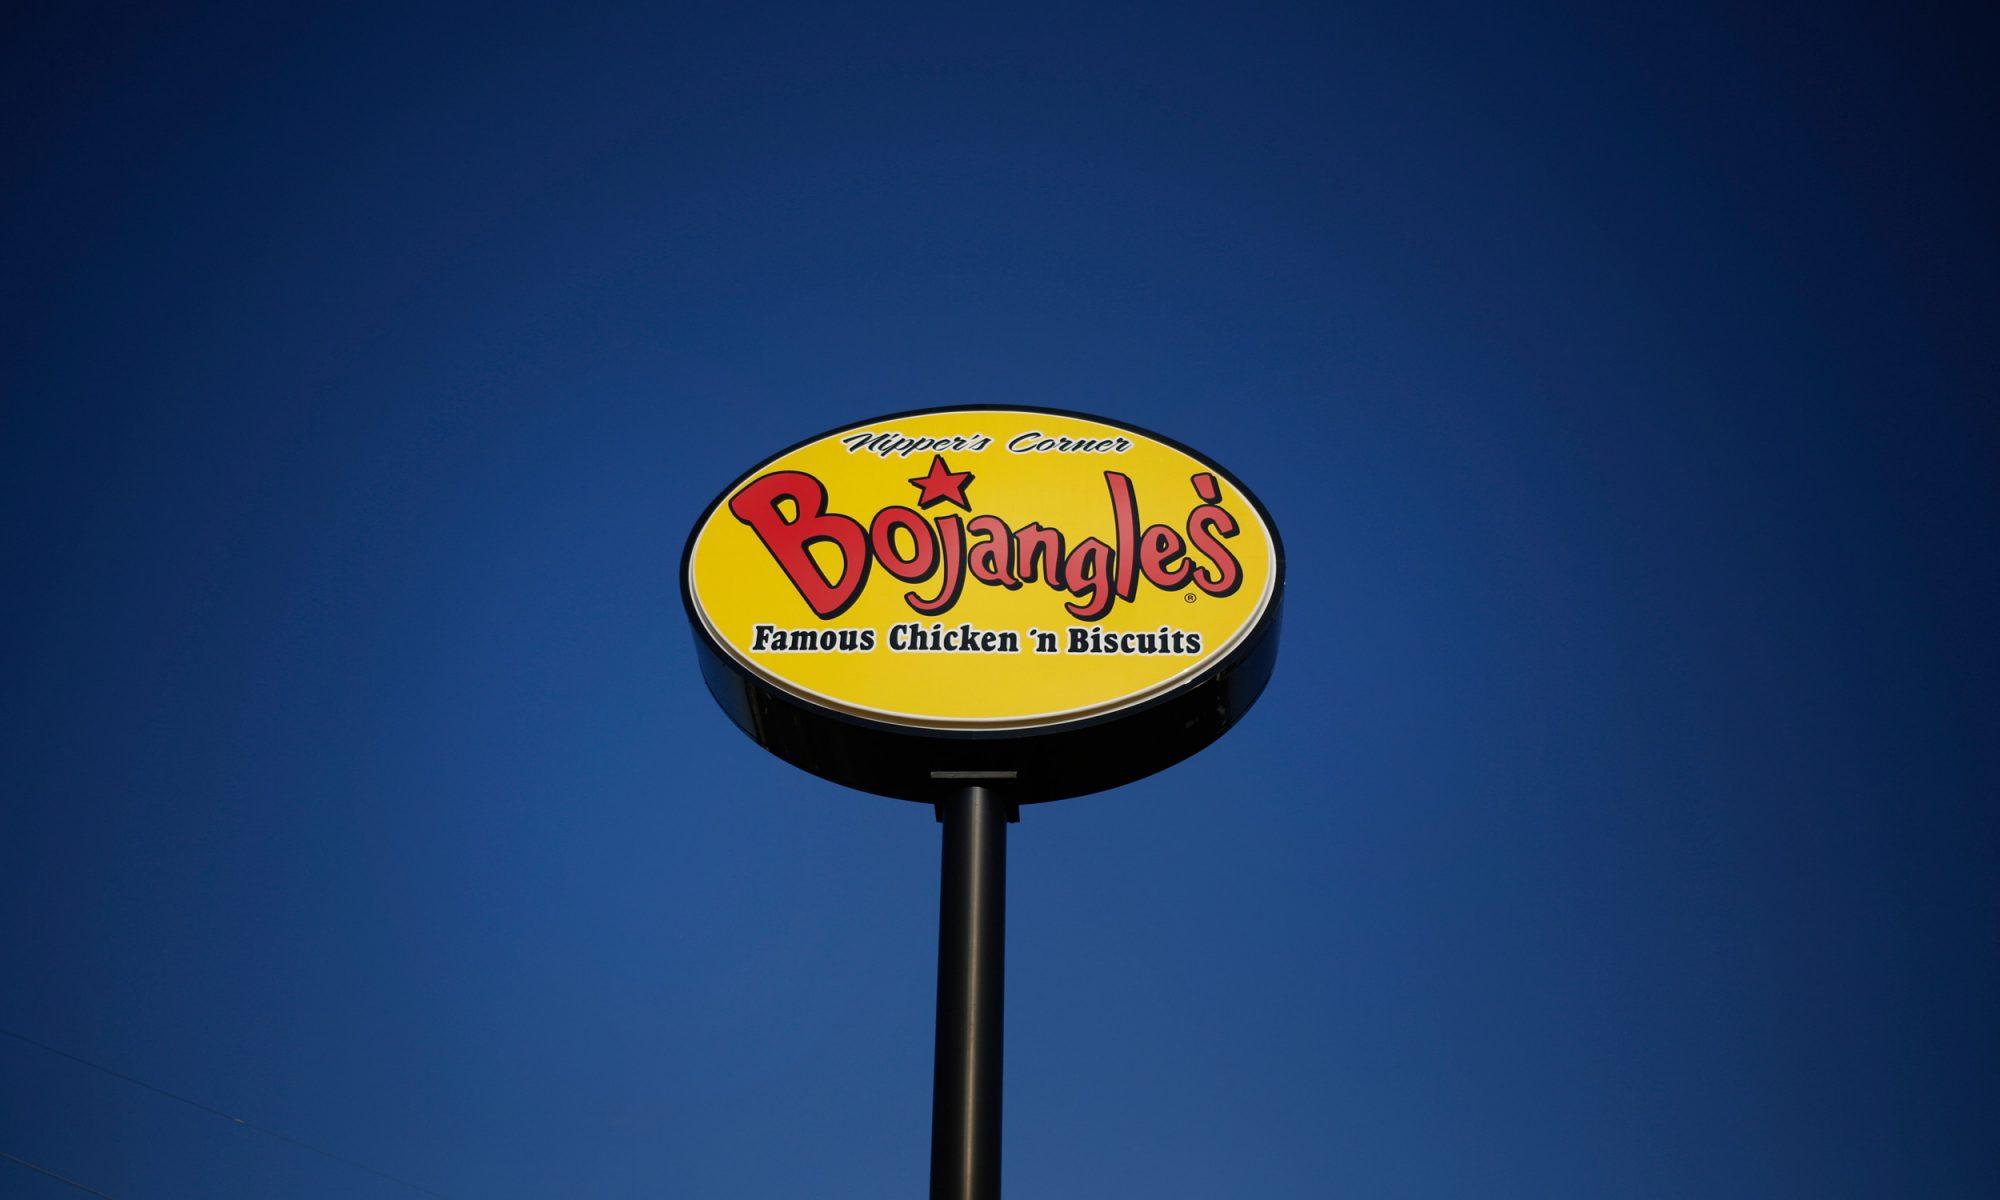 EC: 11 Regional Fast Food Chains That Serve Breakfast